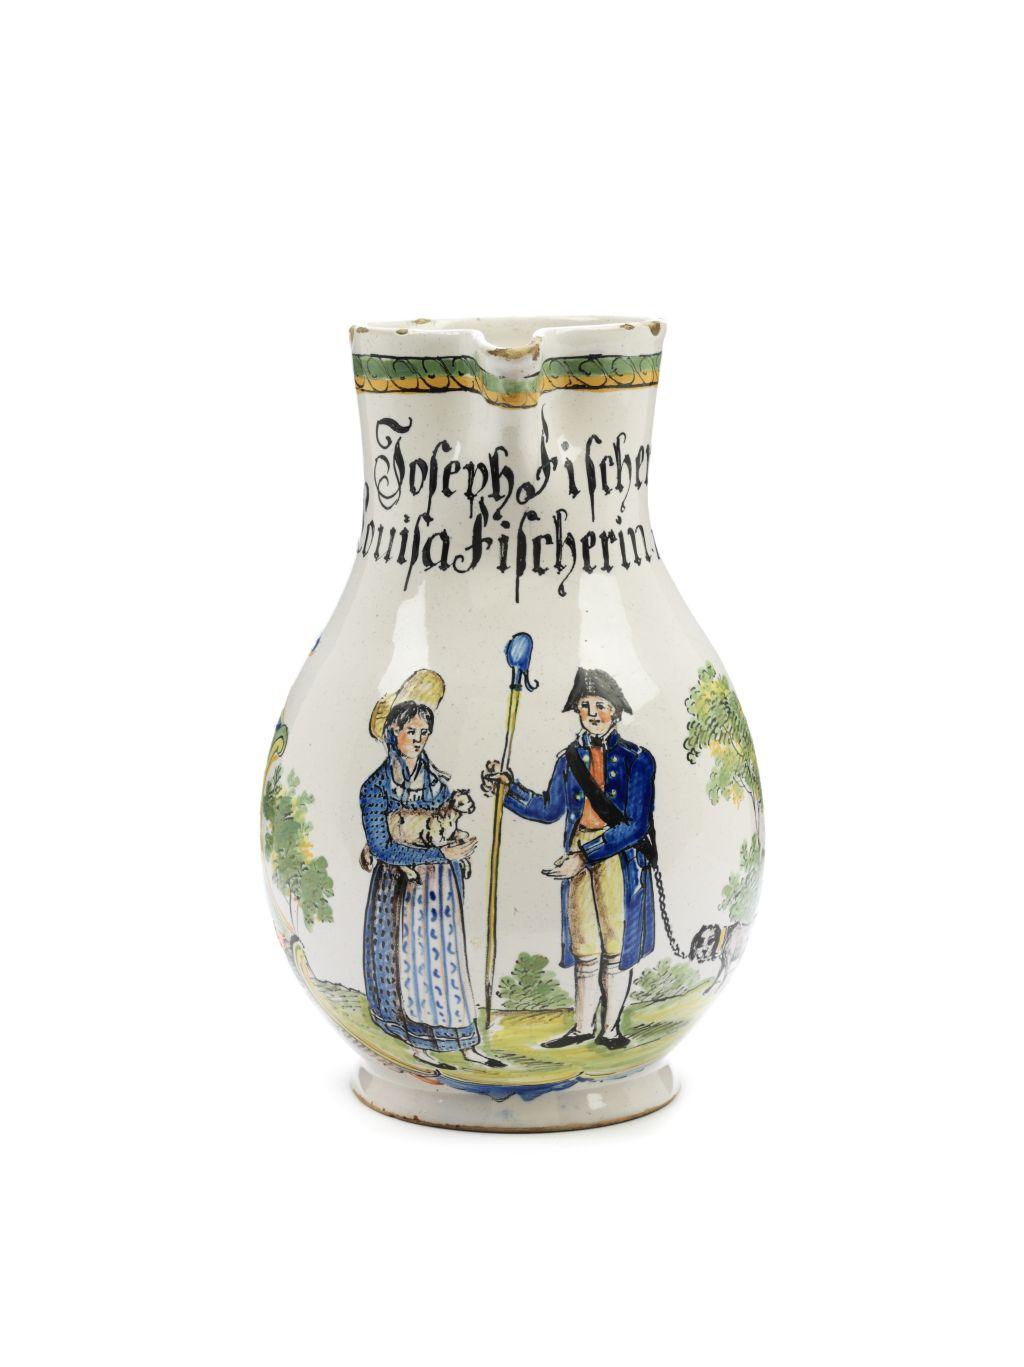 Durlacher Fayence Hochzeitskrug 1820 datiert